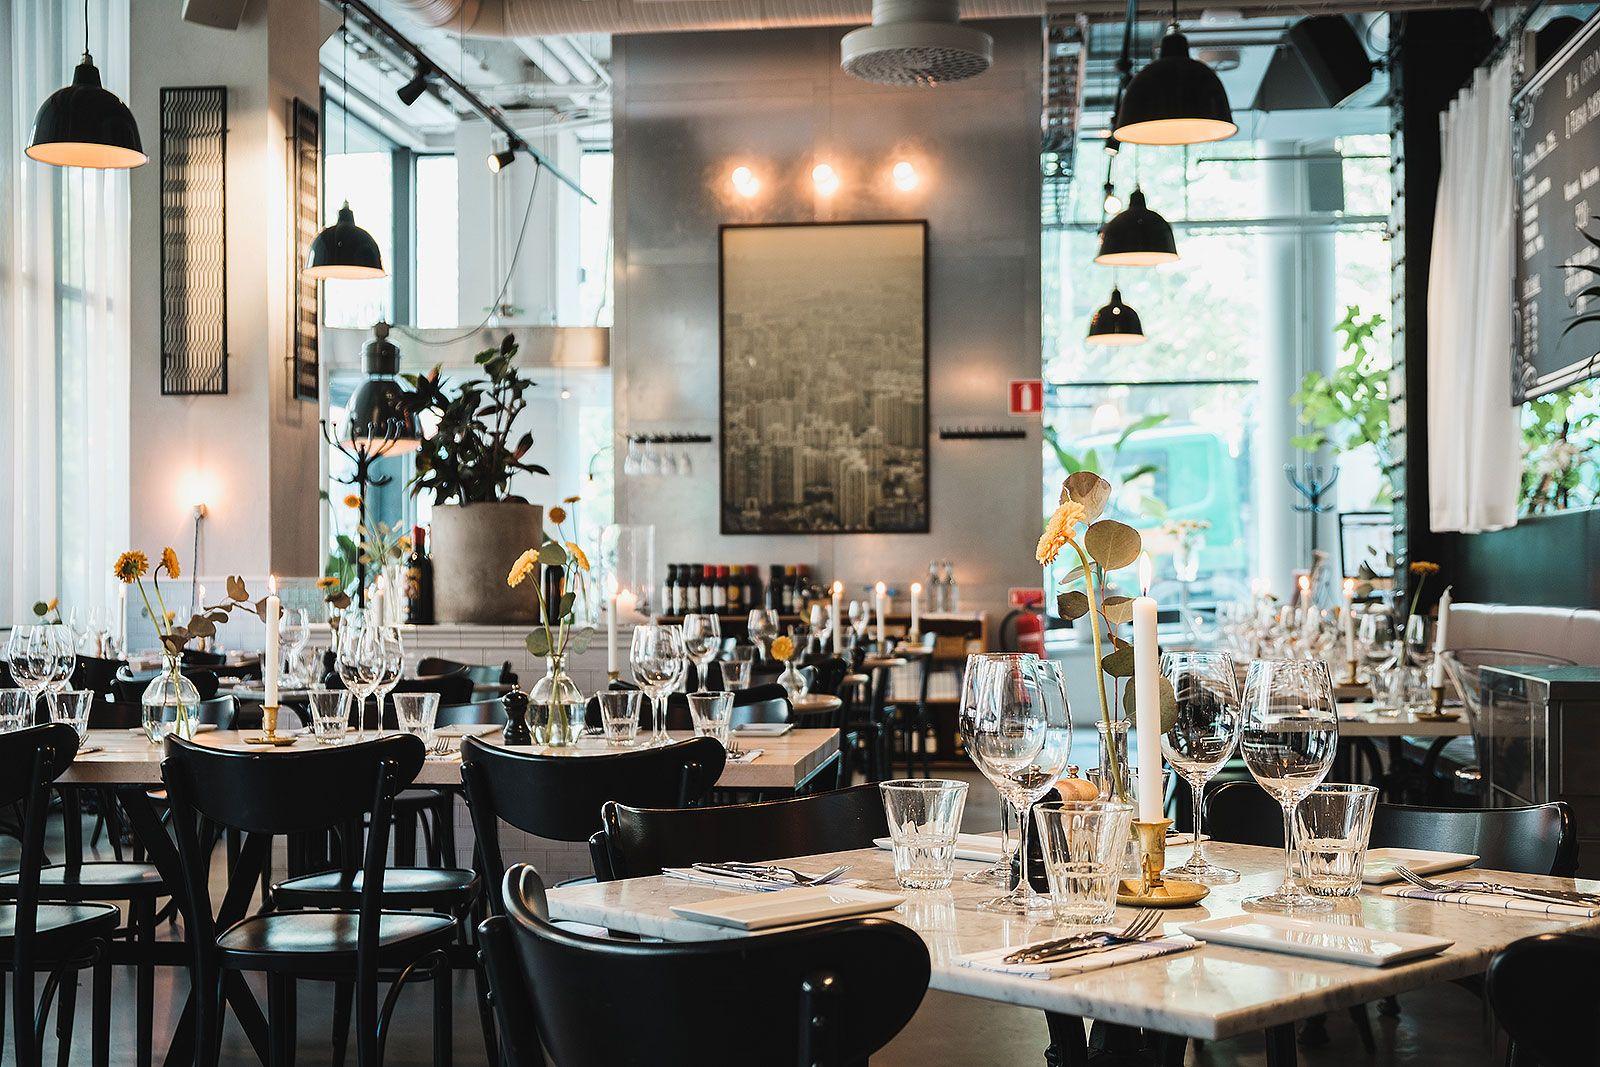 Usine restaurang bar konferenslokal caf s dermalm for Table style usine